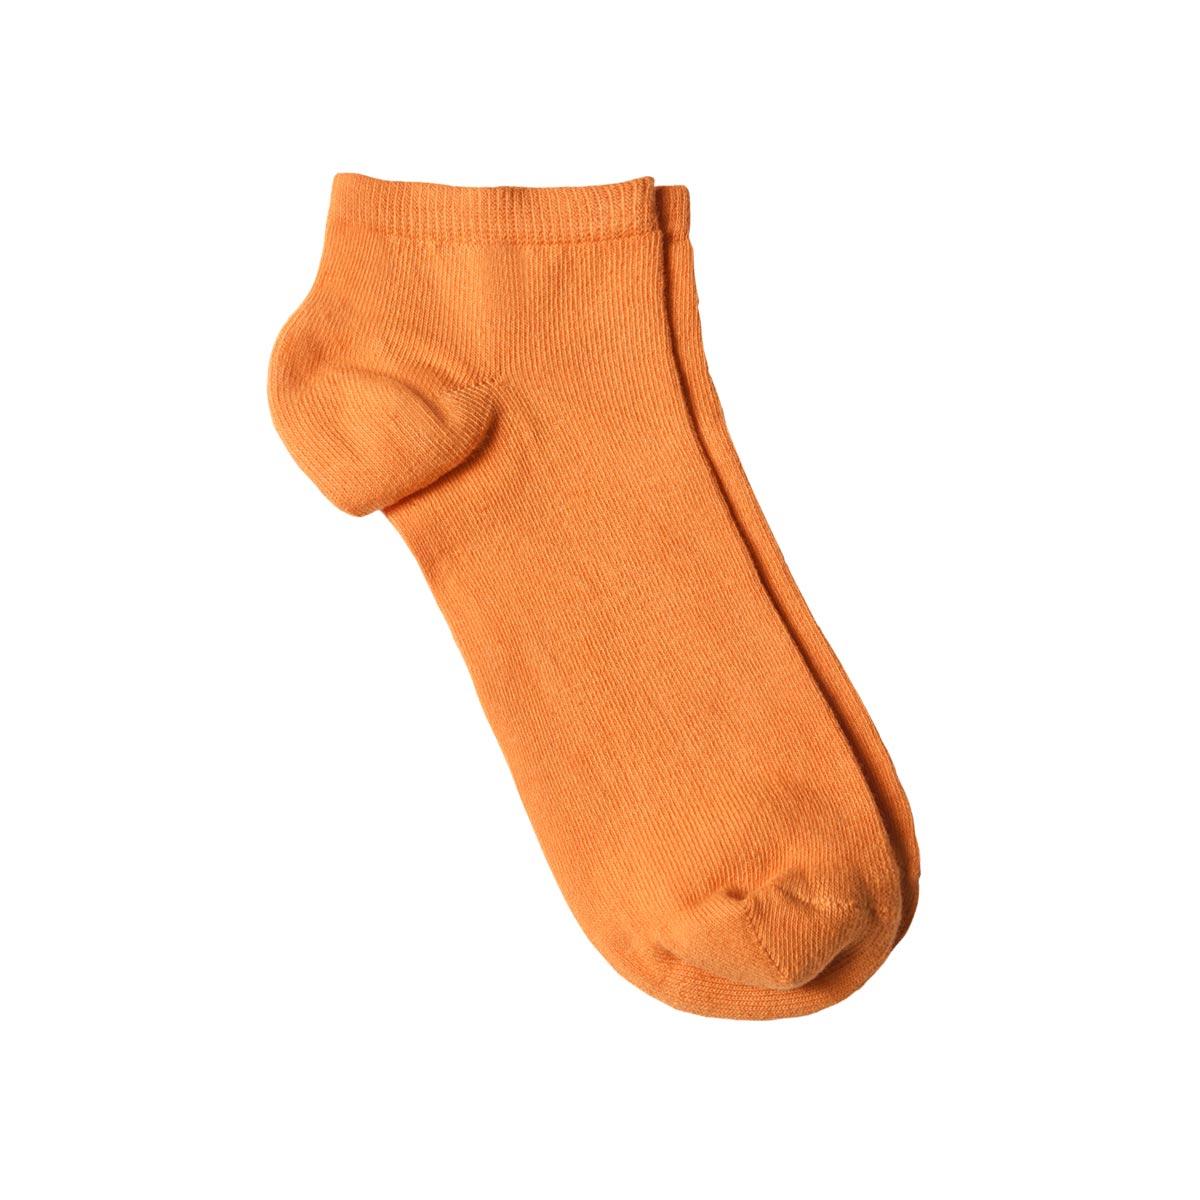 CH-00497_A12-1--_Socquettes-femme-oranges